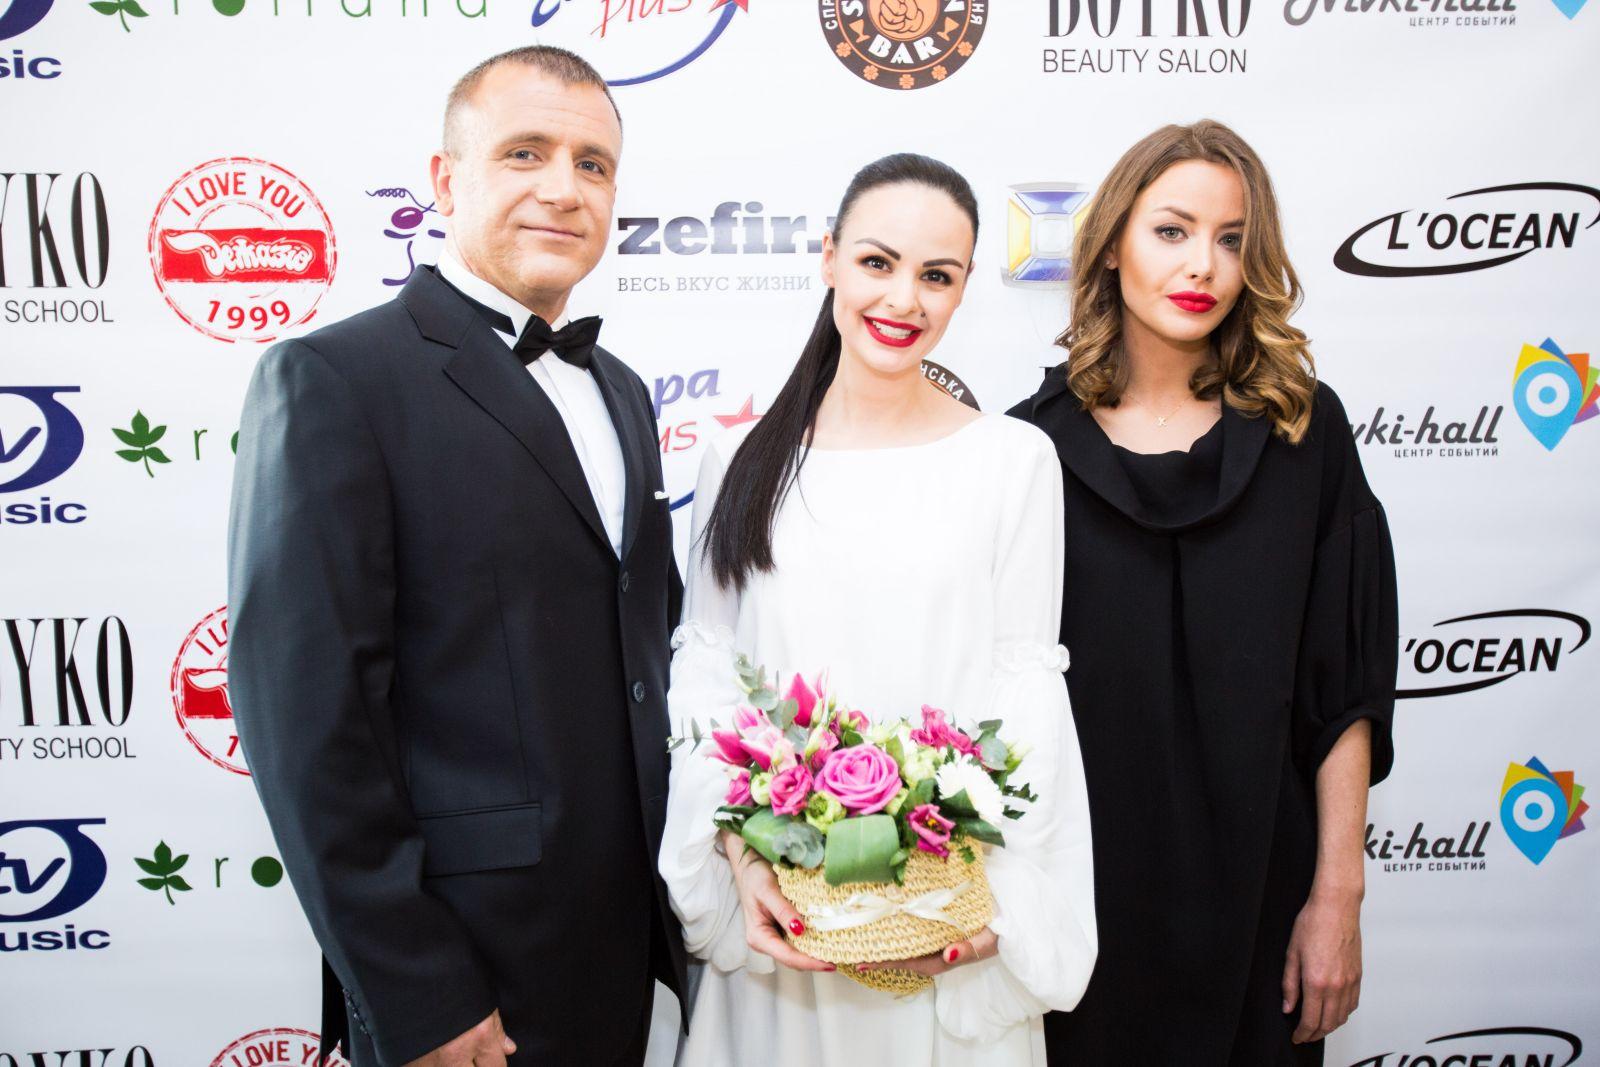 Голливудские звезды Дэниел Крейг и Анджелина Джоли посетили Boyko Beauty Salon